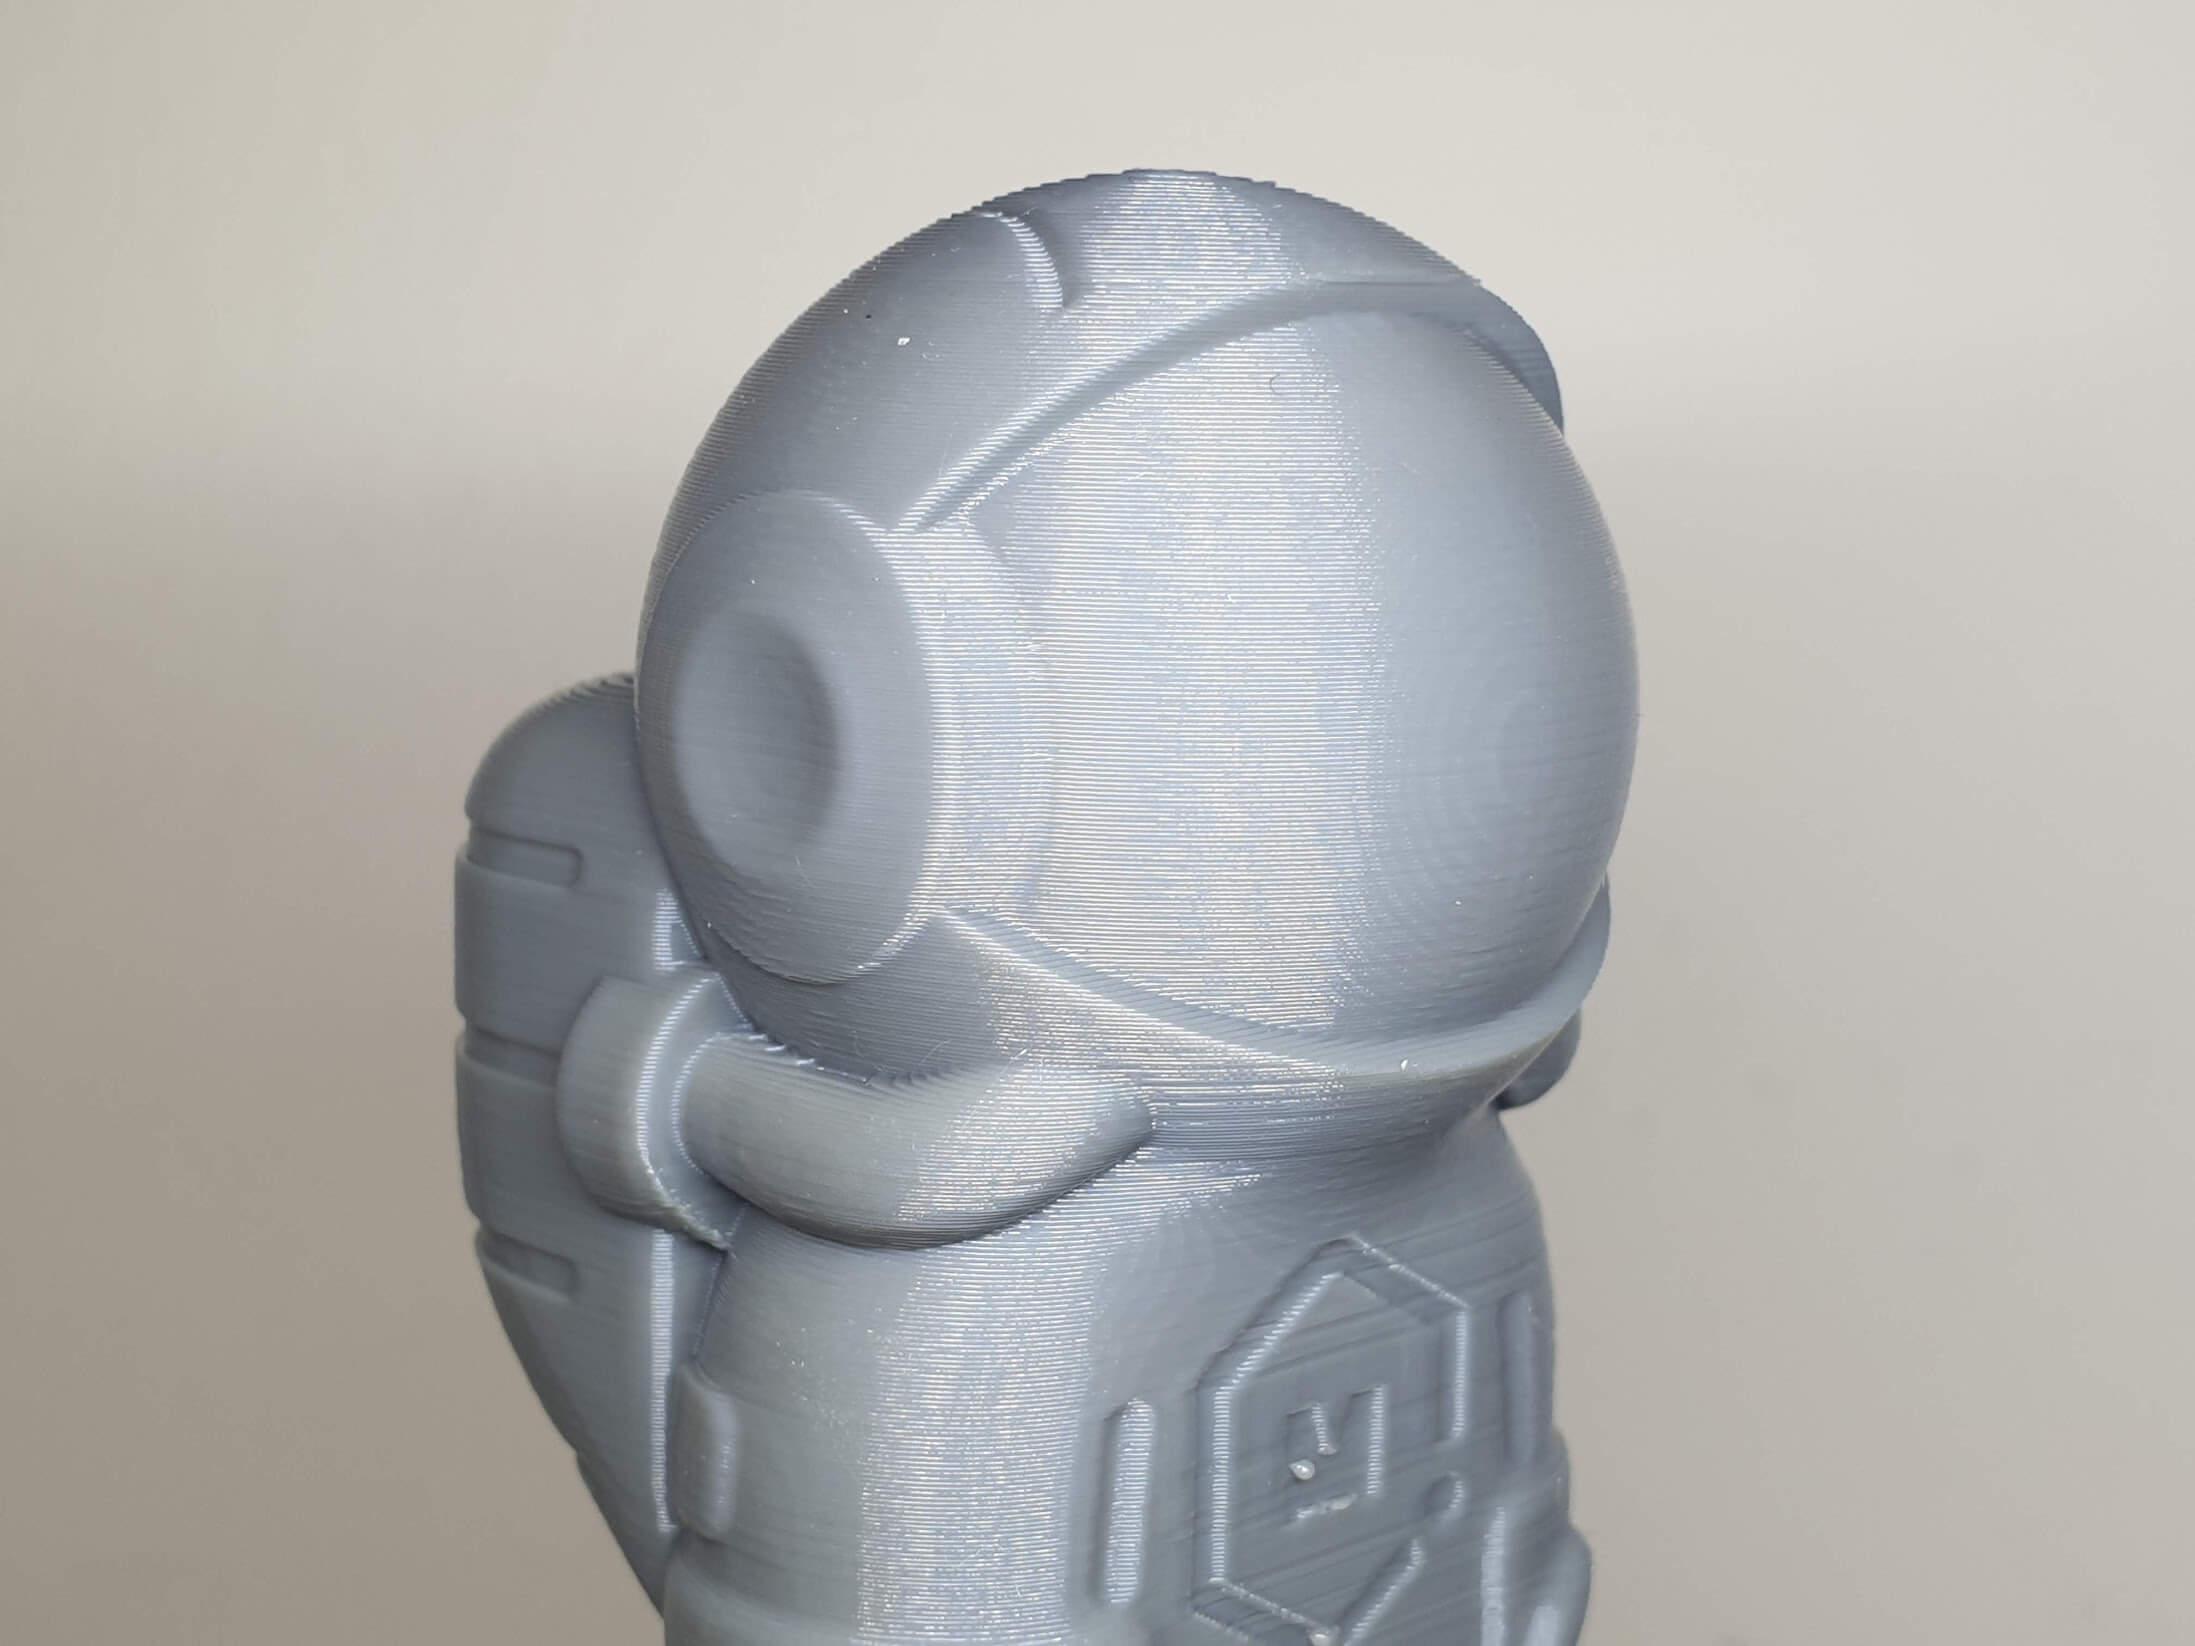 Phil A Ment Take 2 Longer Cube2 Mini 4 | Cube2 Mini Review - 3D Printer for Kids